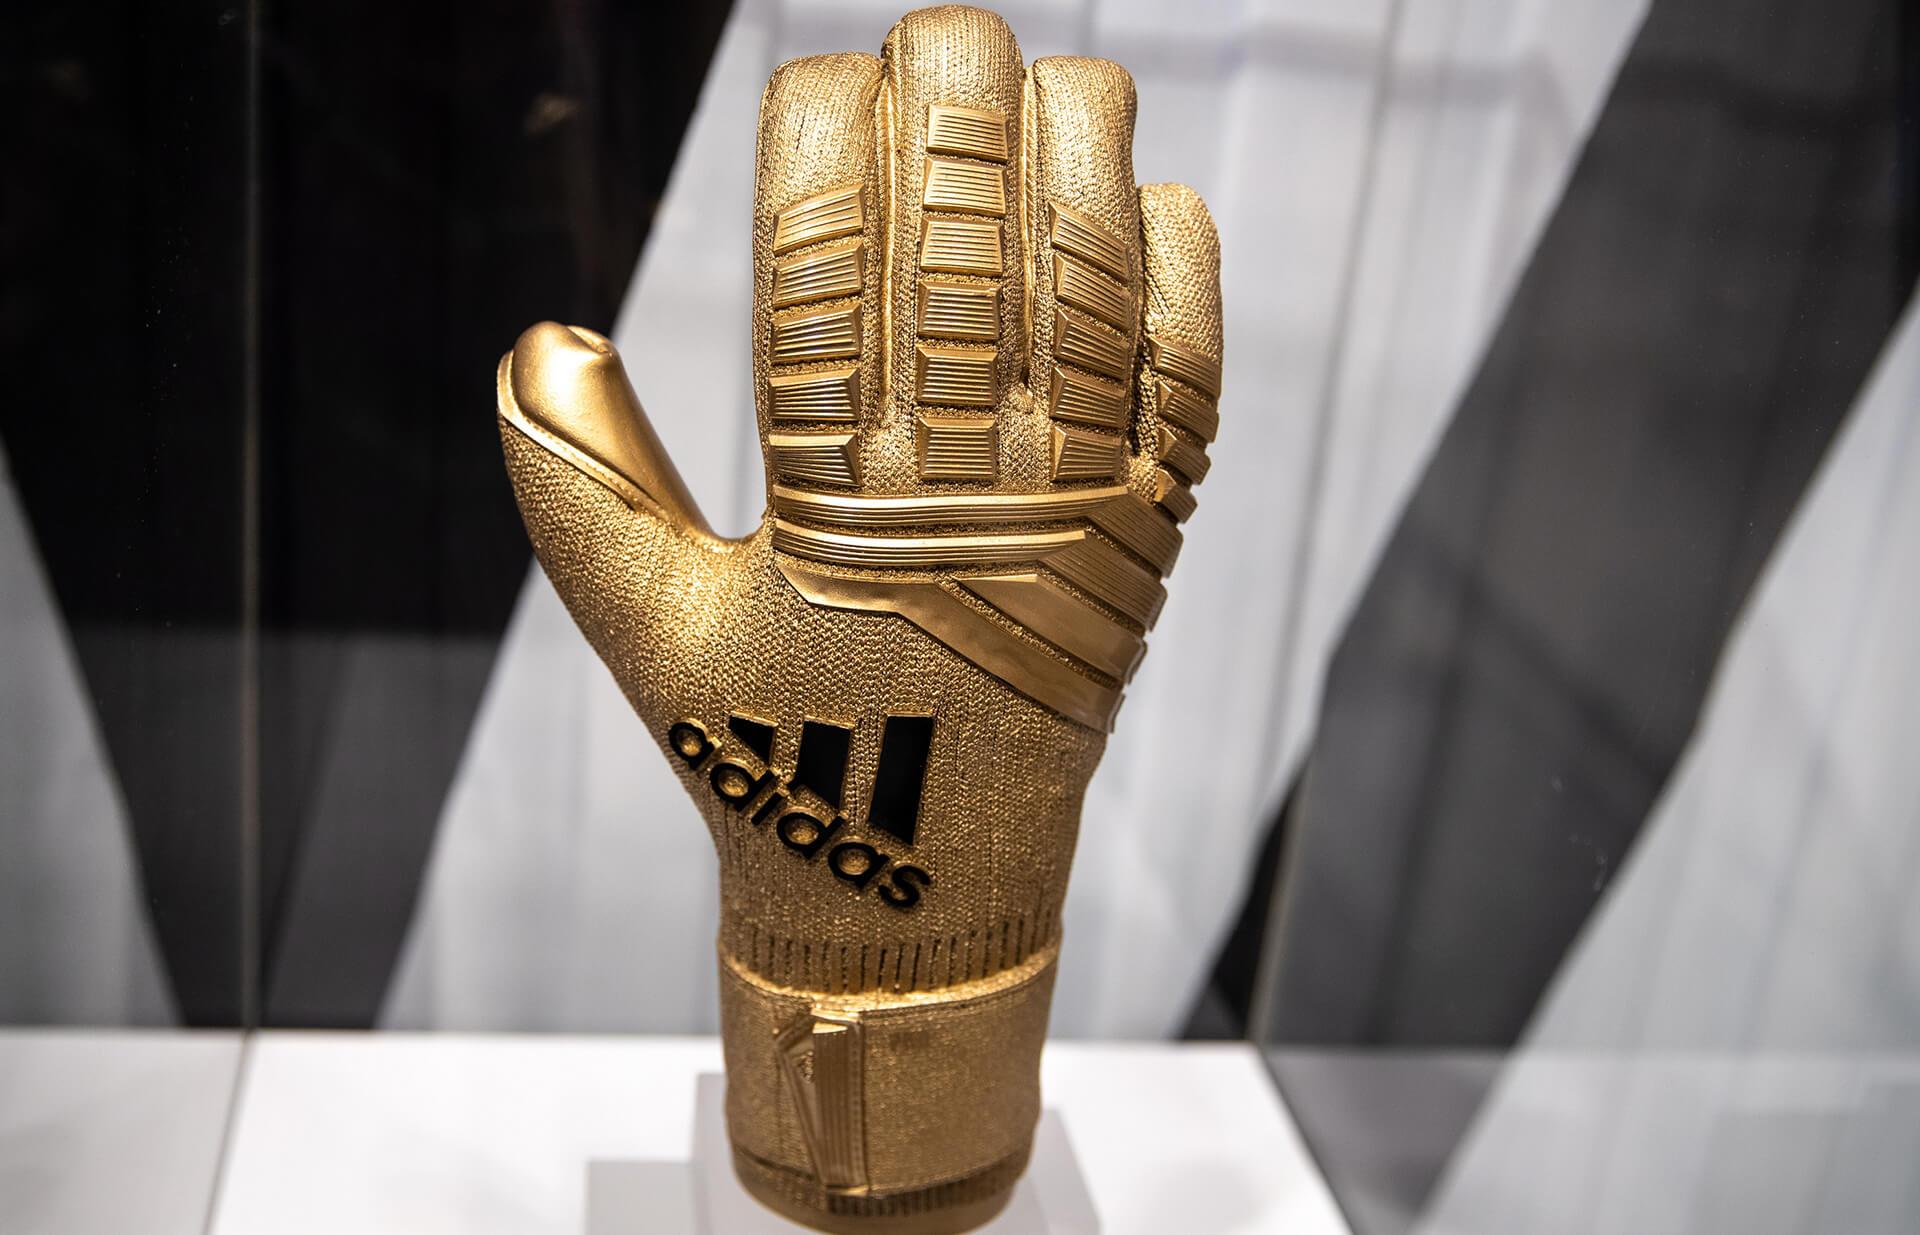 adidas Reveal 2018 World Cup Golden Boot, Ball & Glove ...